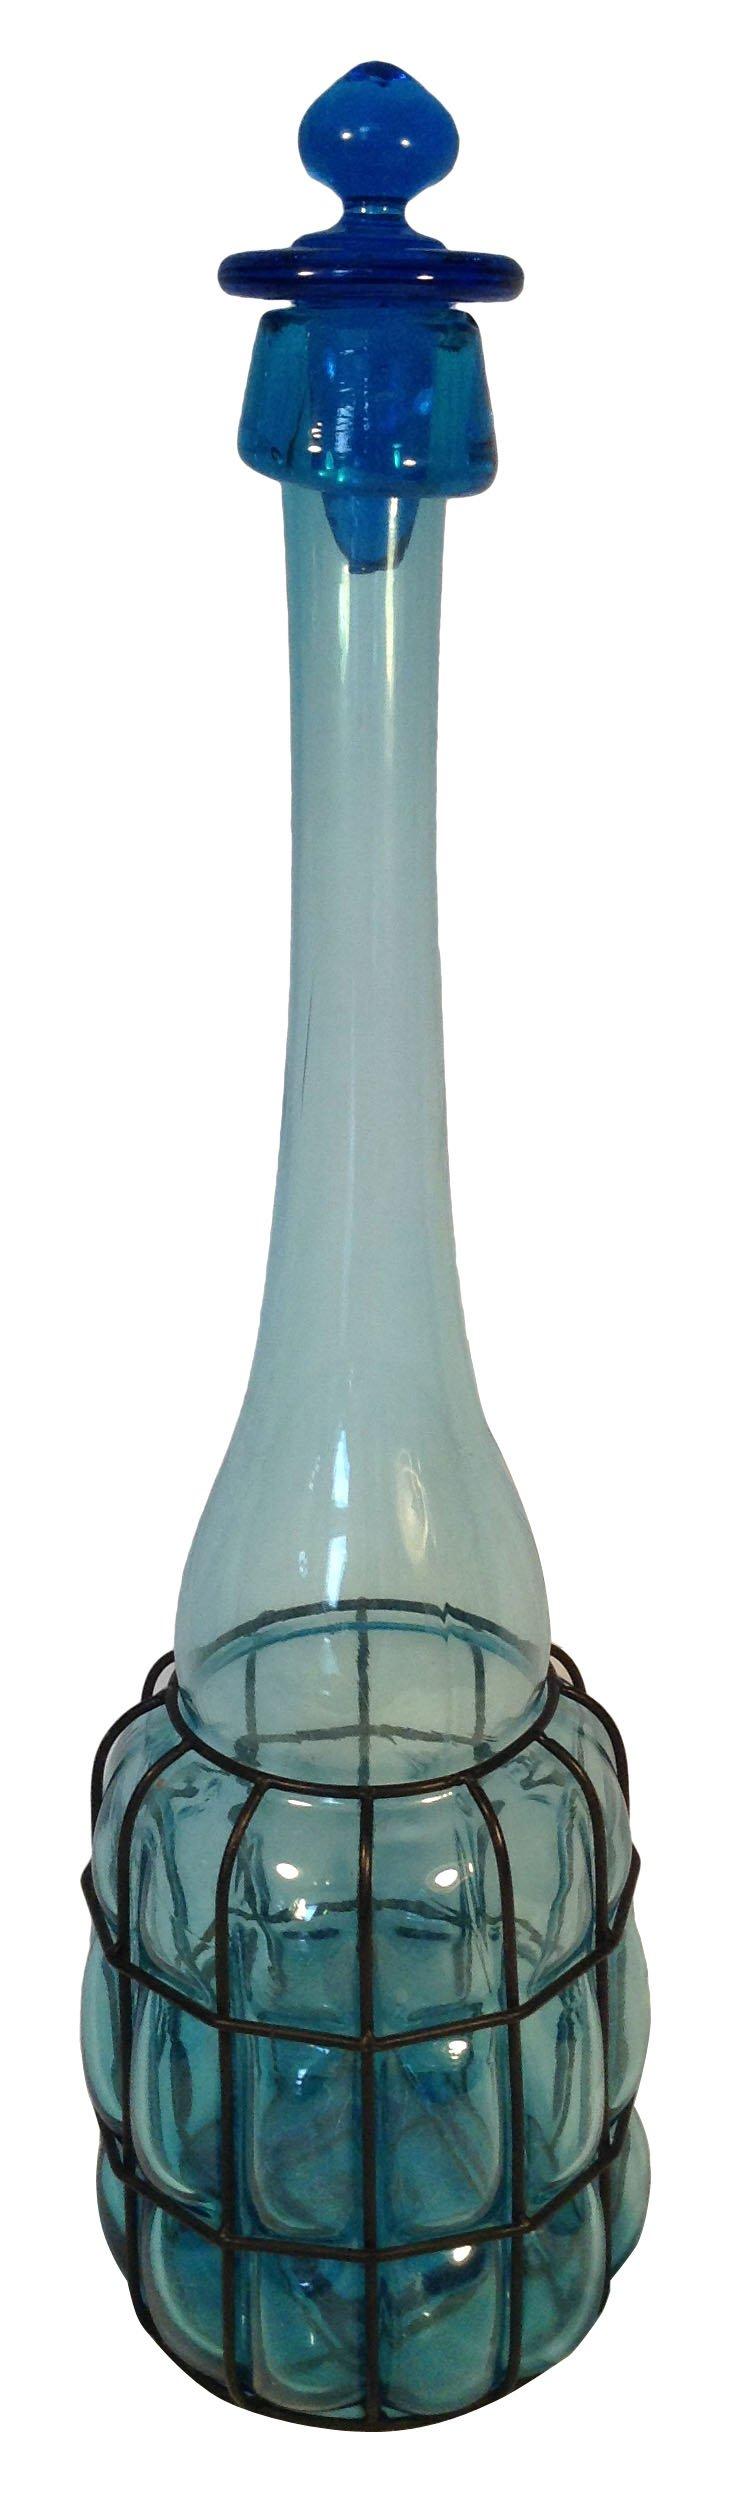 French Blue Bottle w/ Stopper